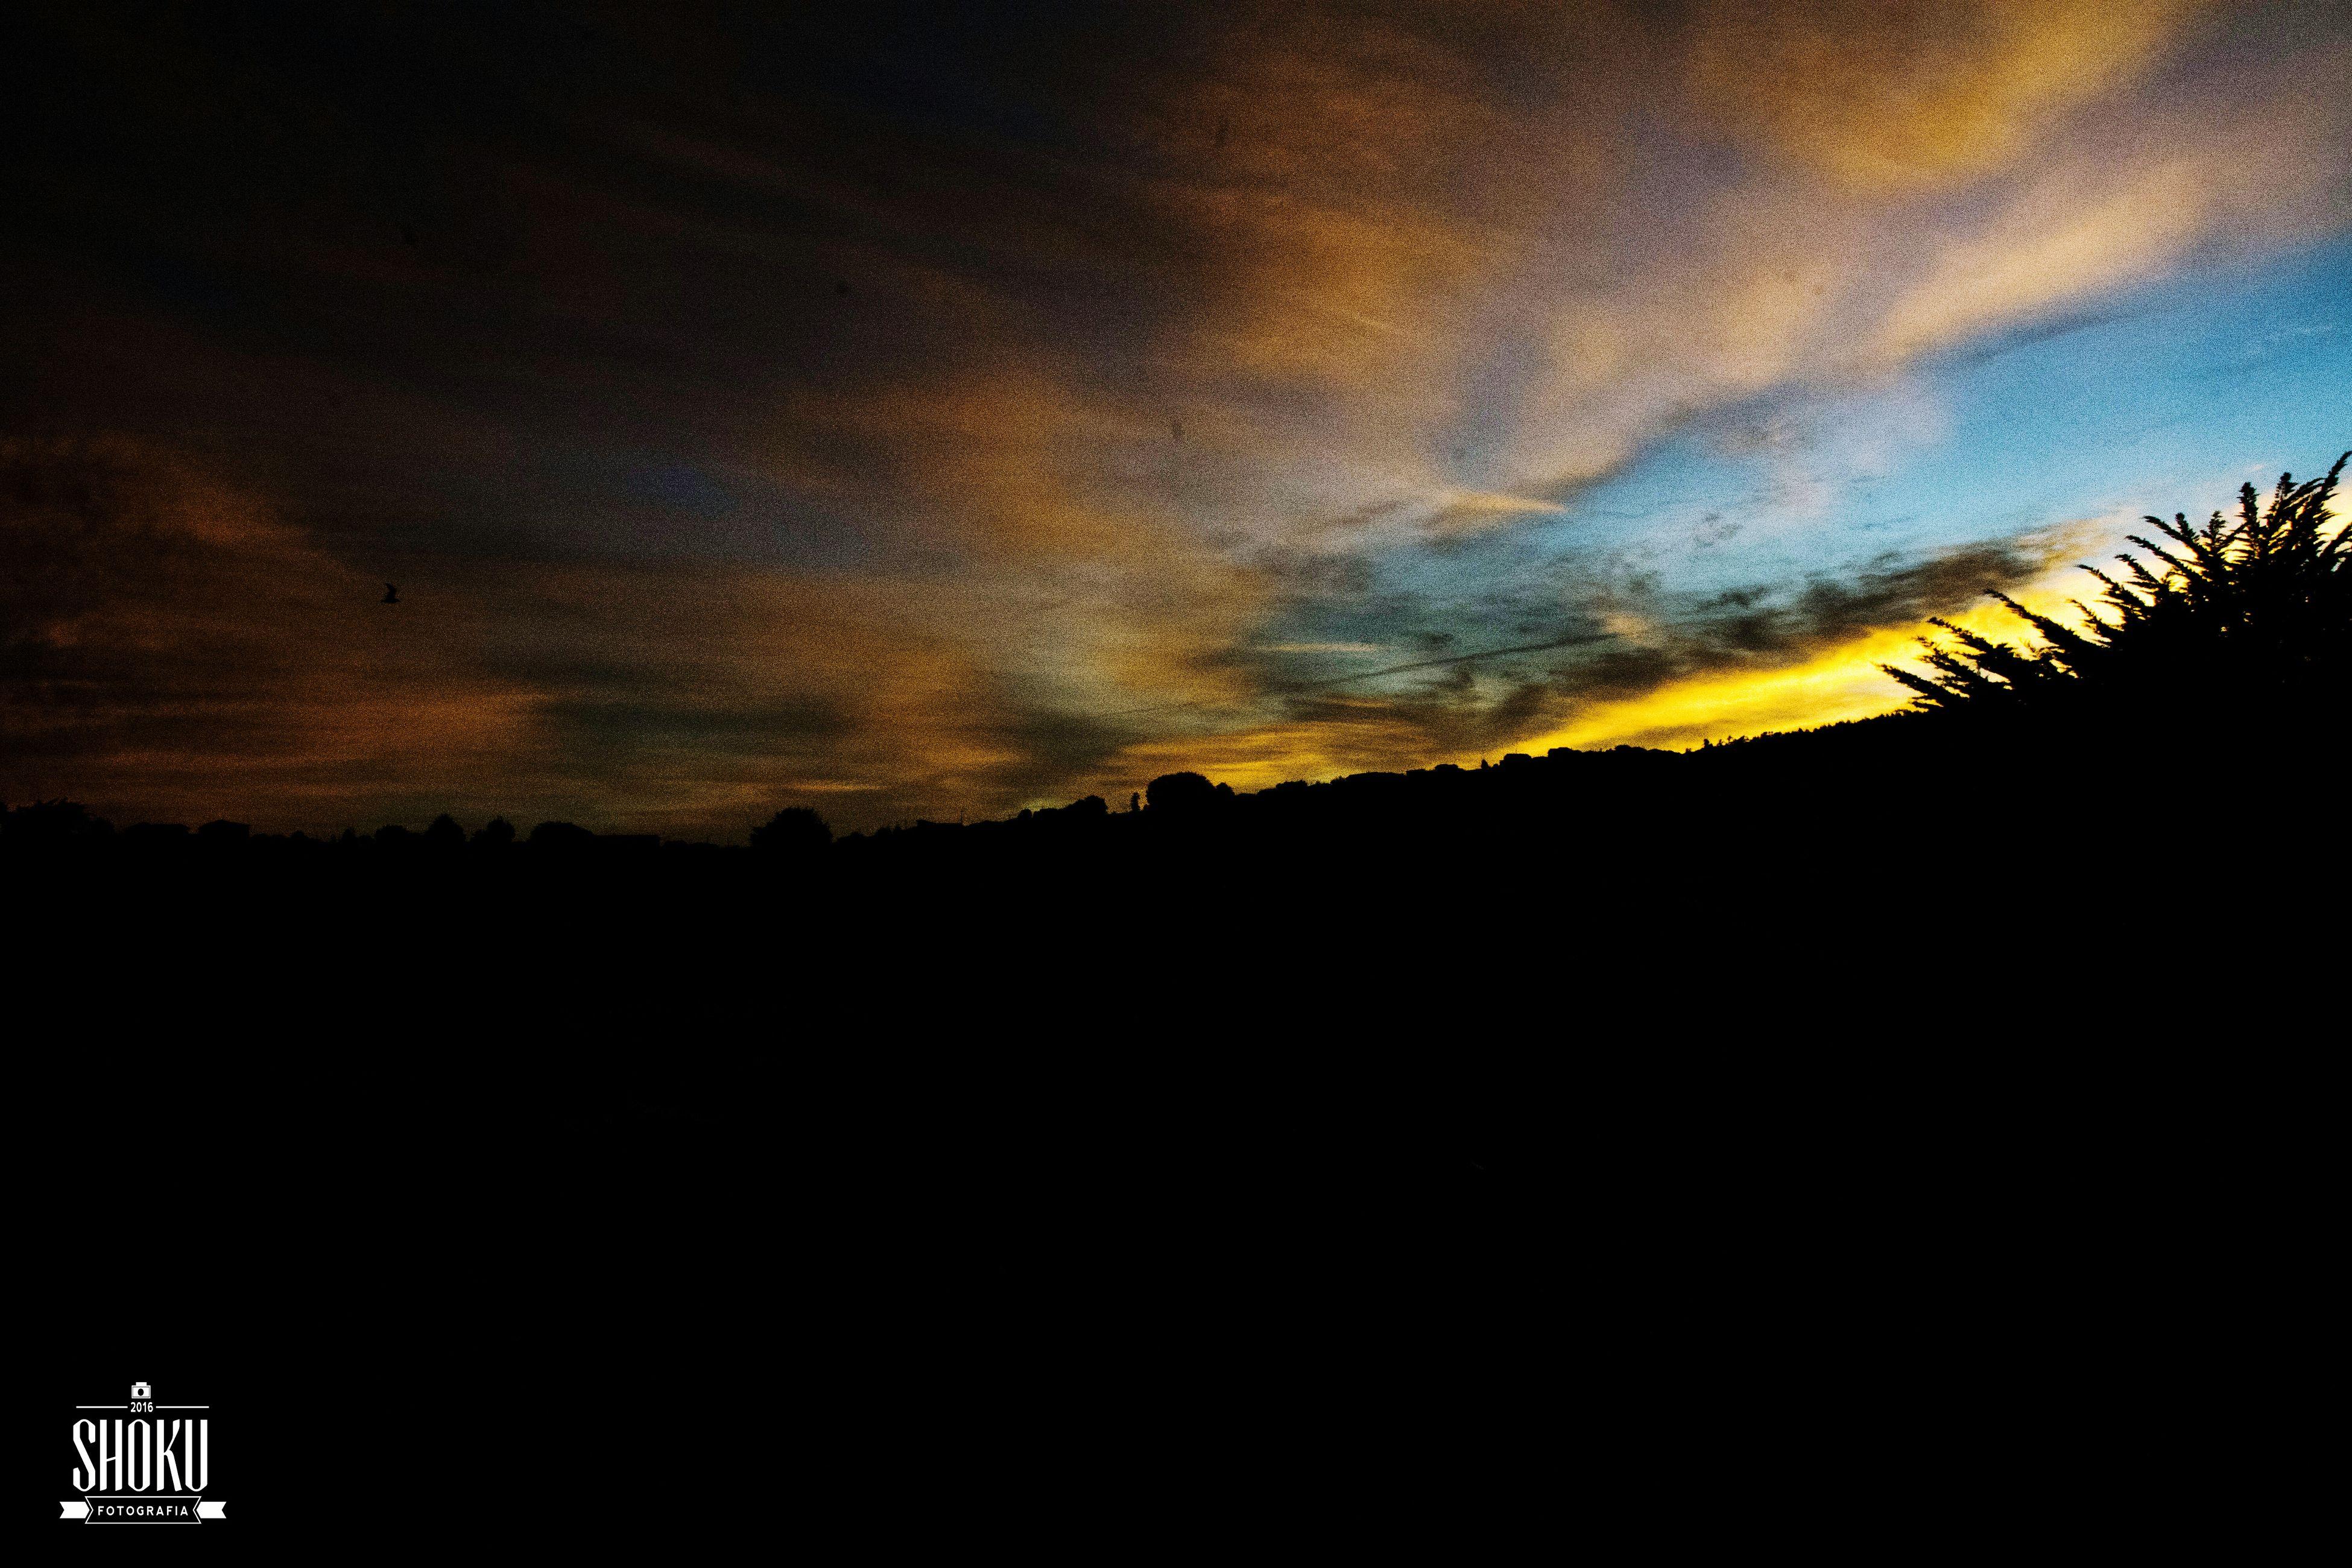 Lente 18-105 NikonD7100 Folowforfollow Like4like Ancud-chiloe Amanecer